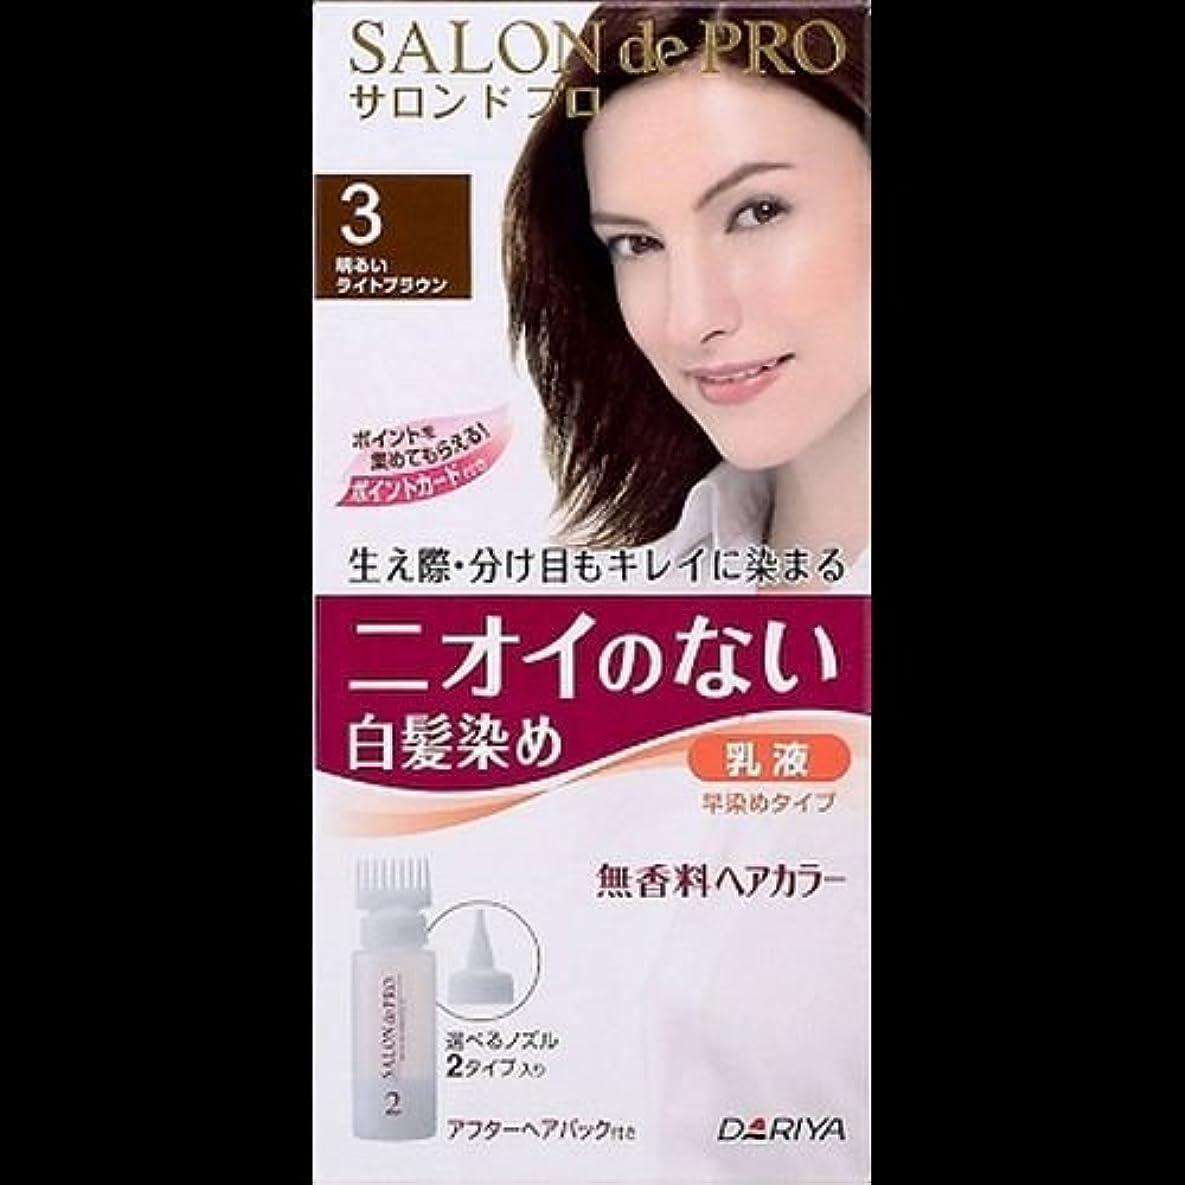 法的防ぐ賢いサロンドプロ 無香料ヘアカラー 早染め乳液3 (明るいライトブラウン) ×2セット